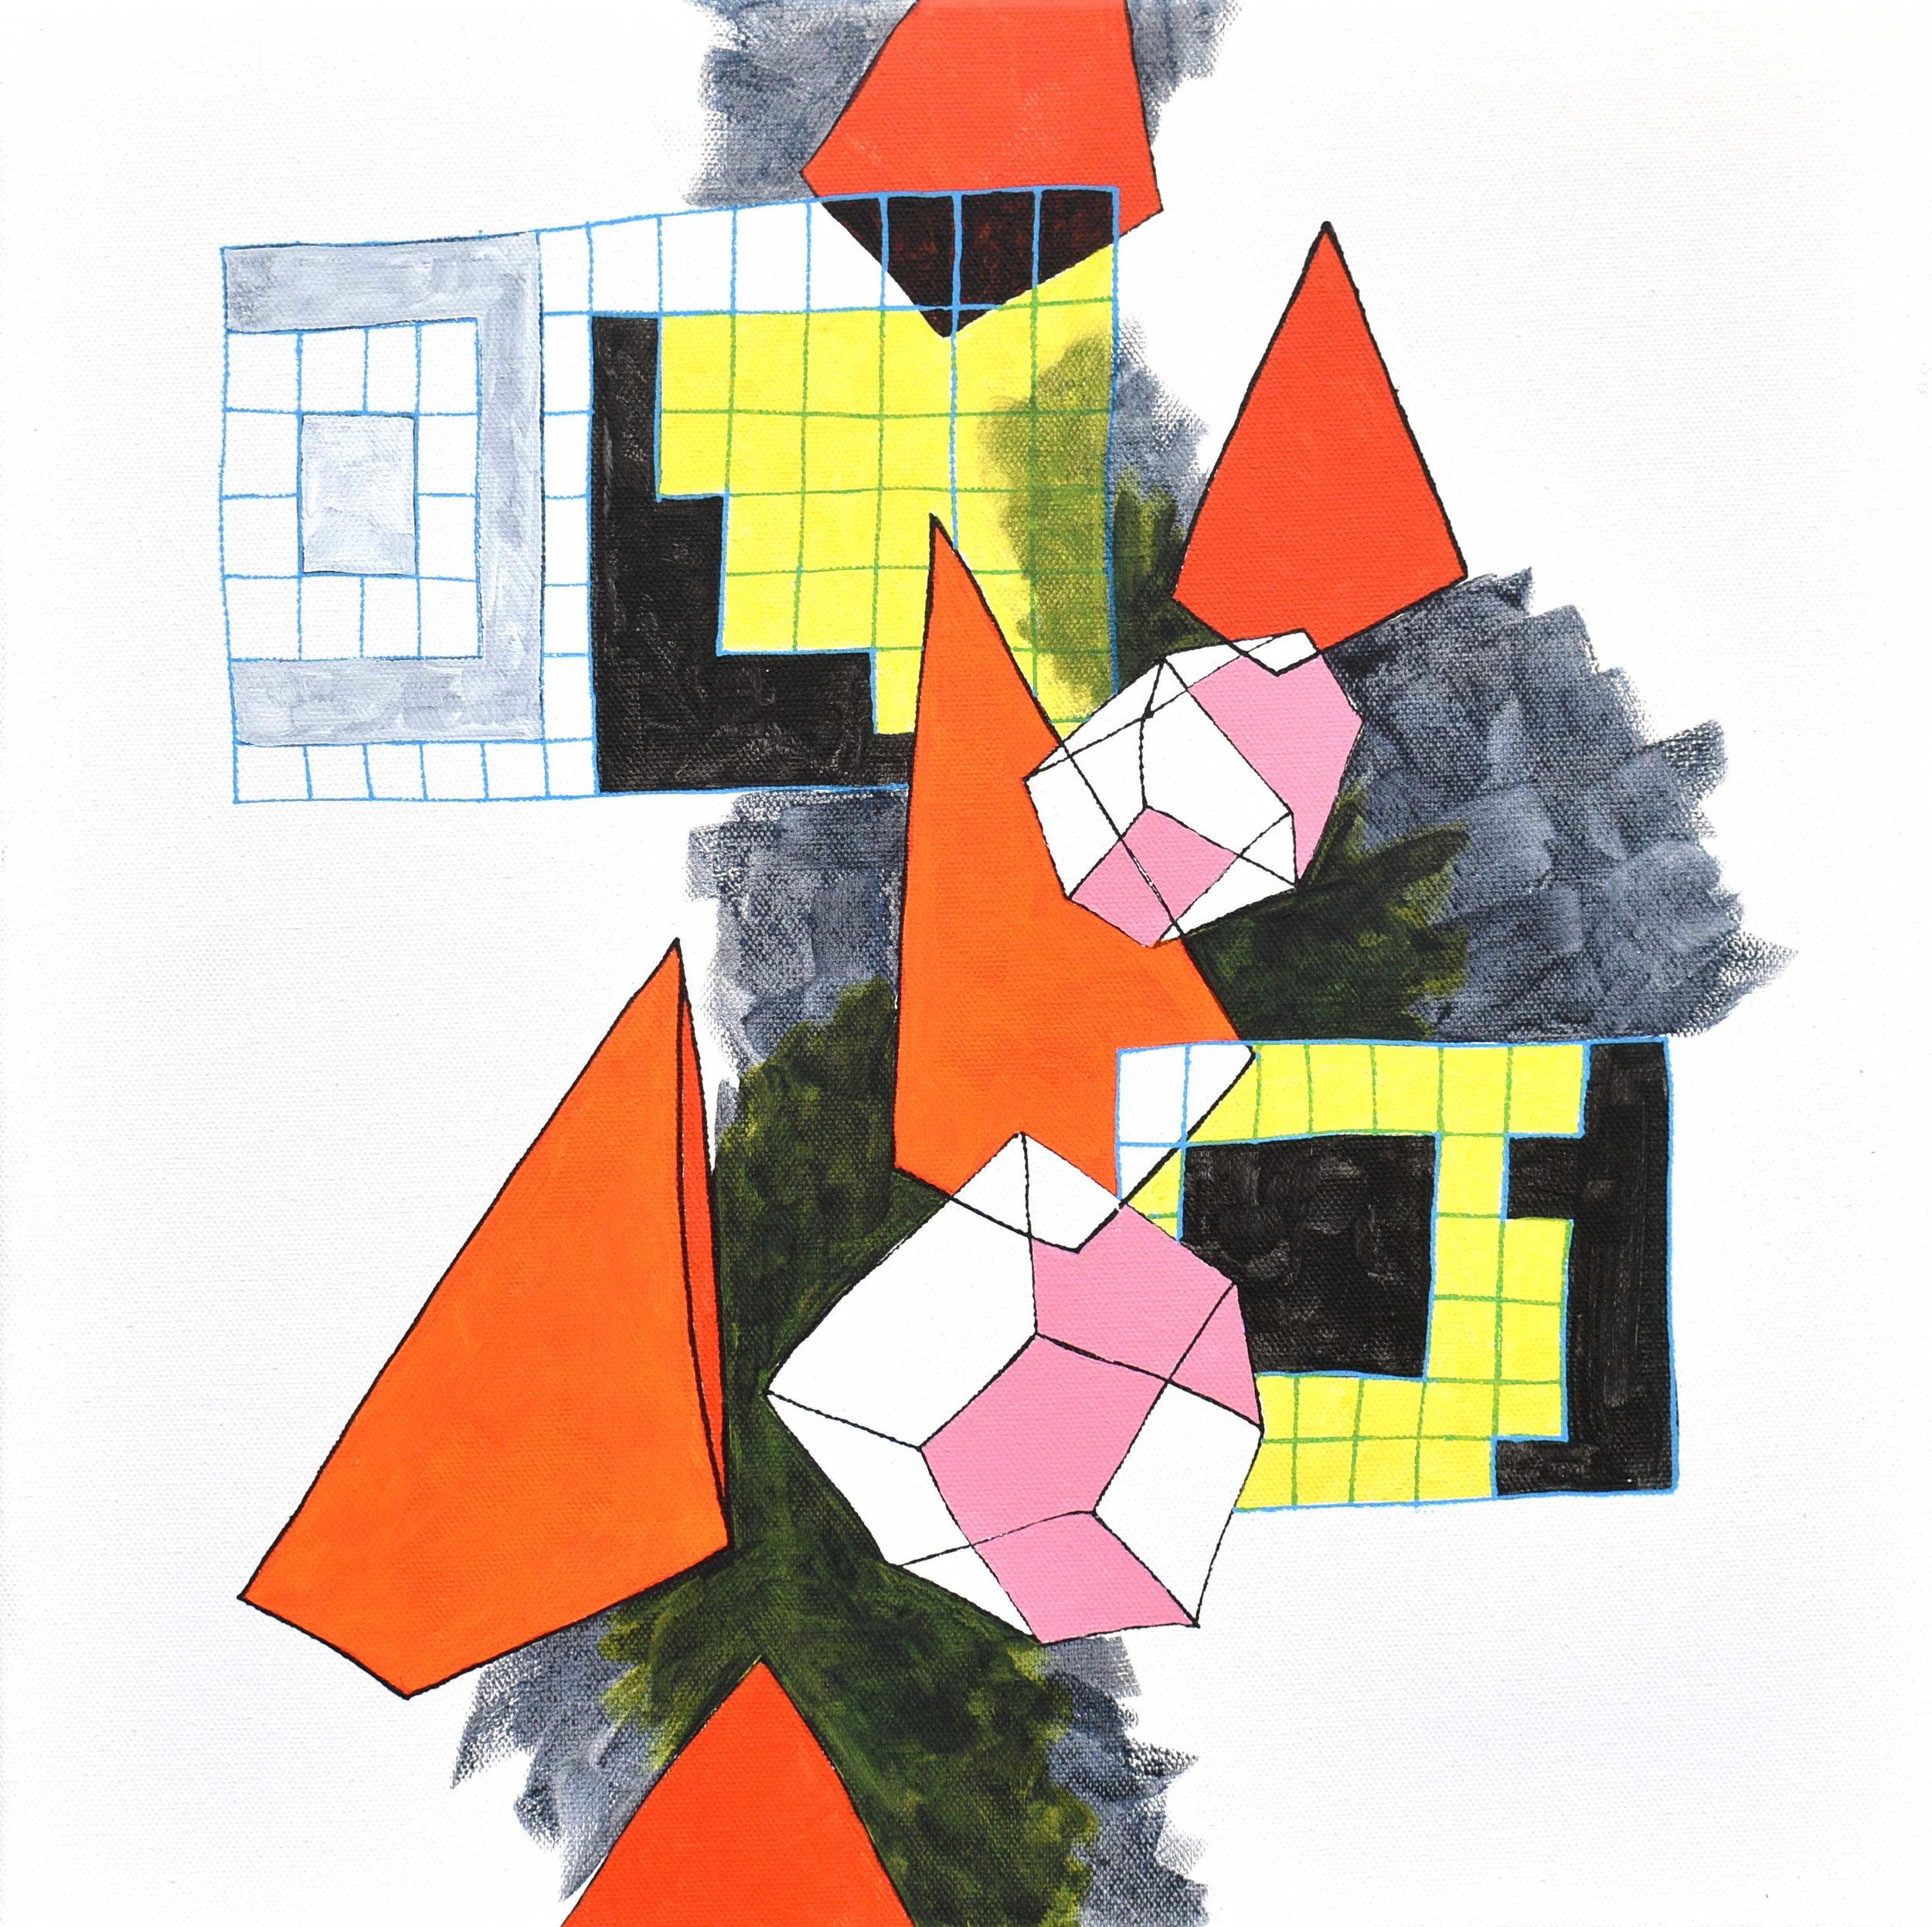 Pyramid Scheme 5